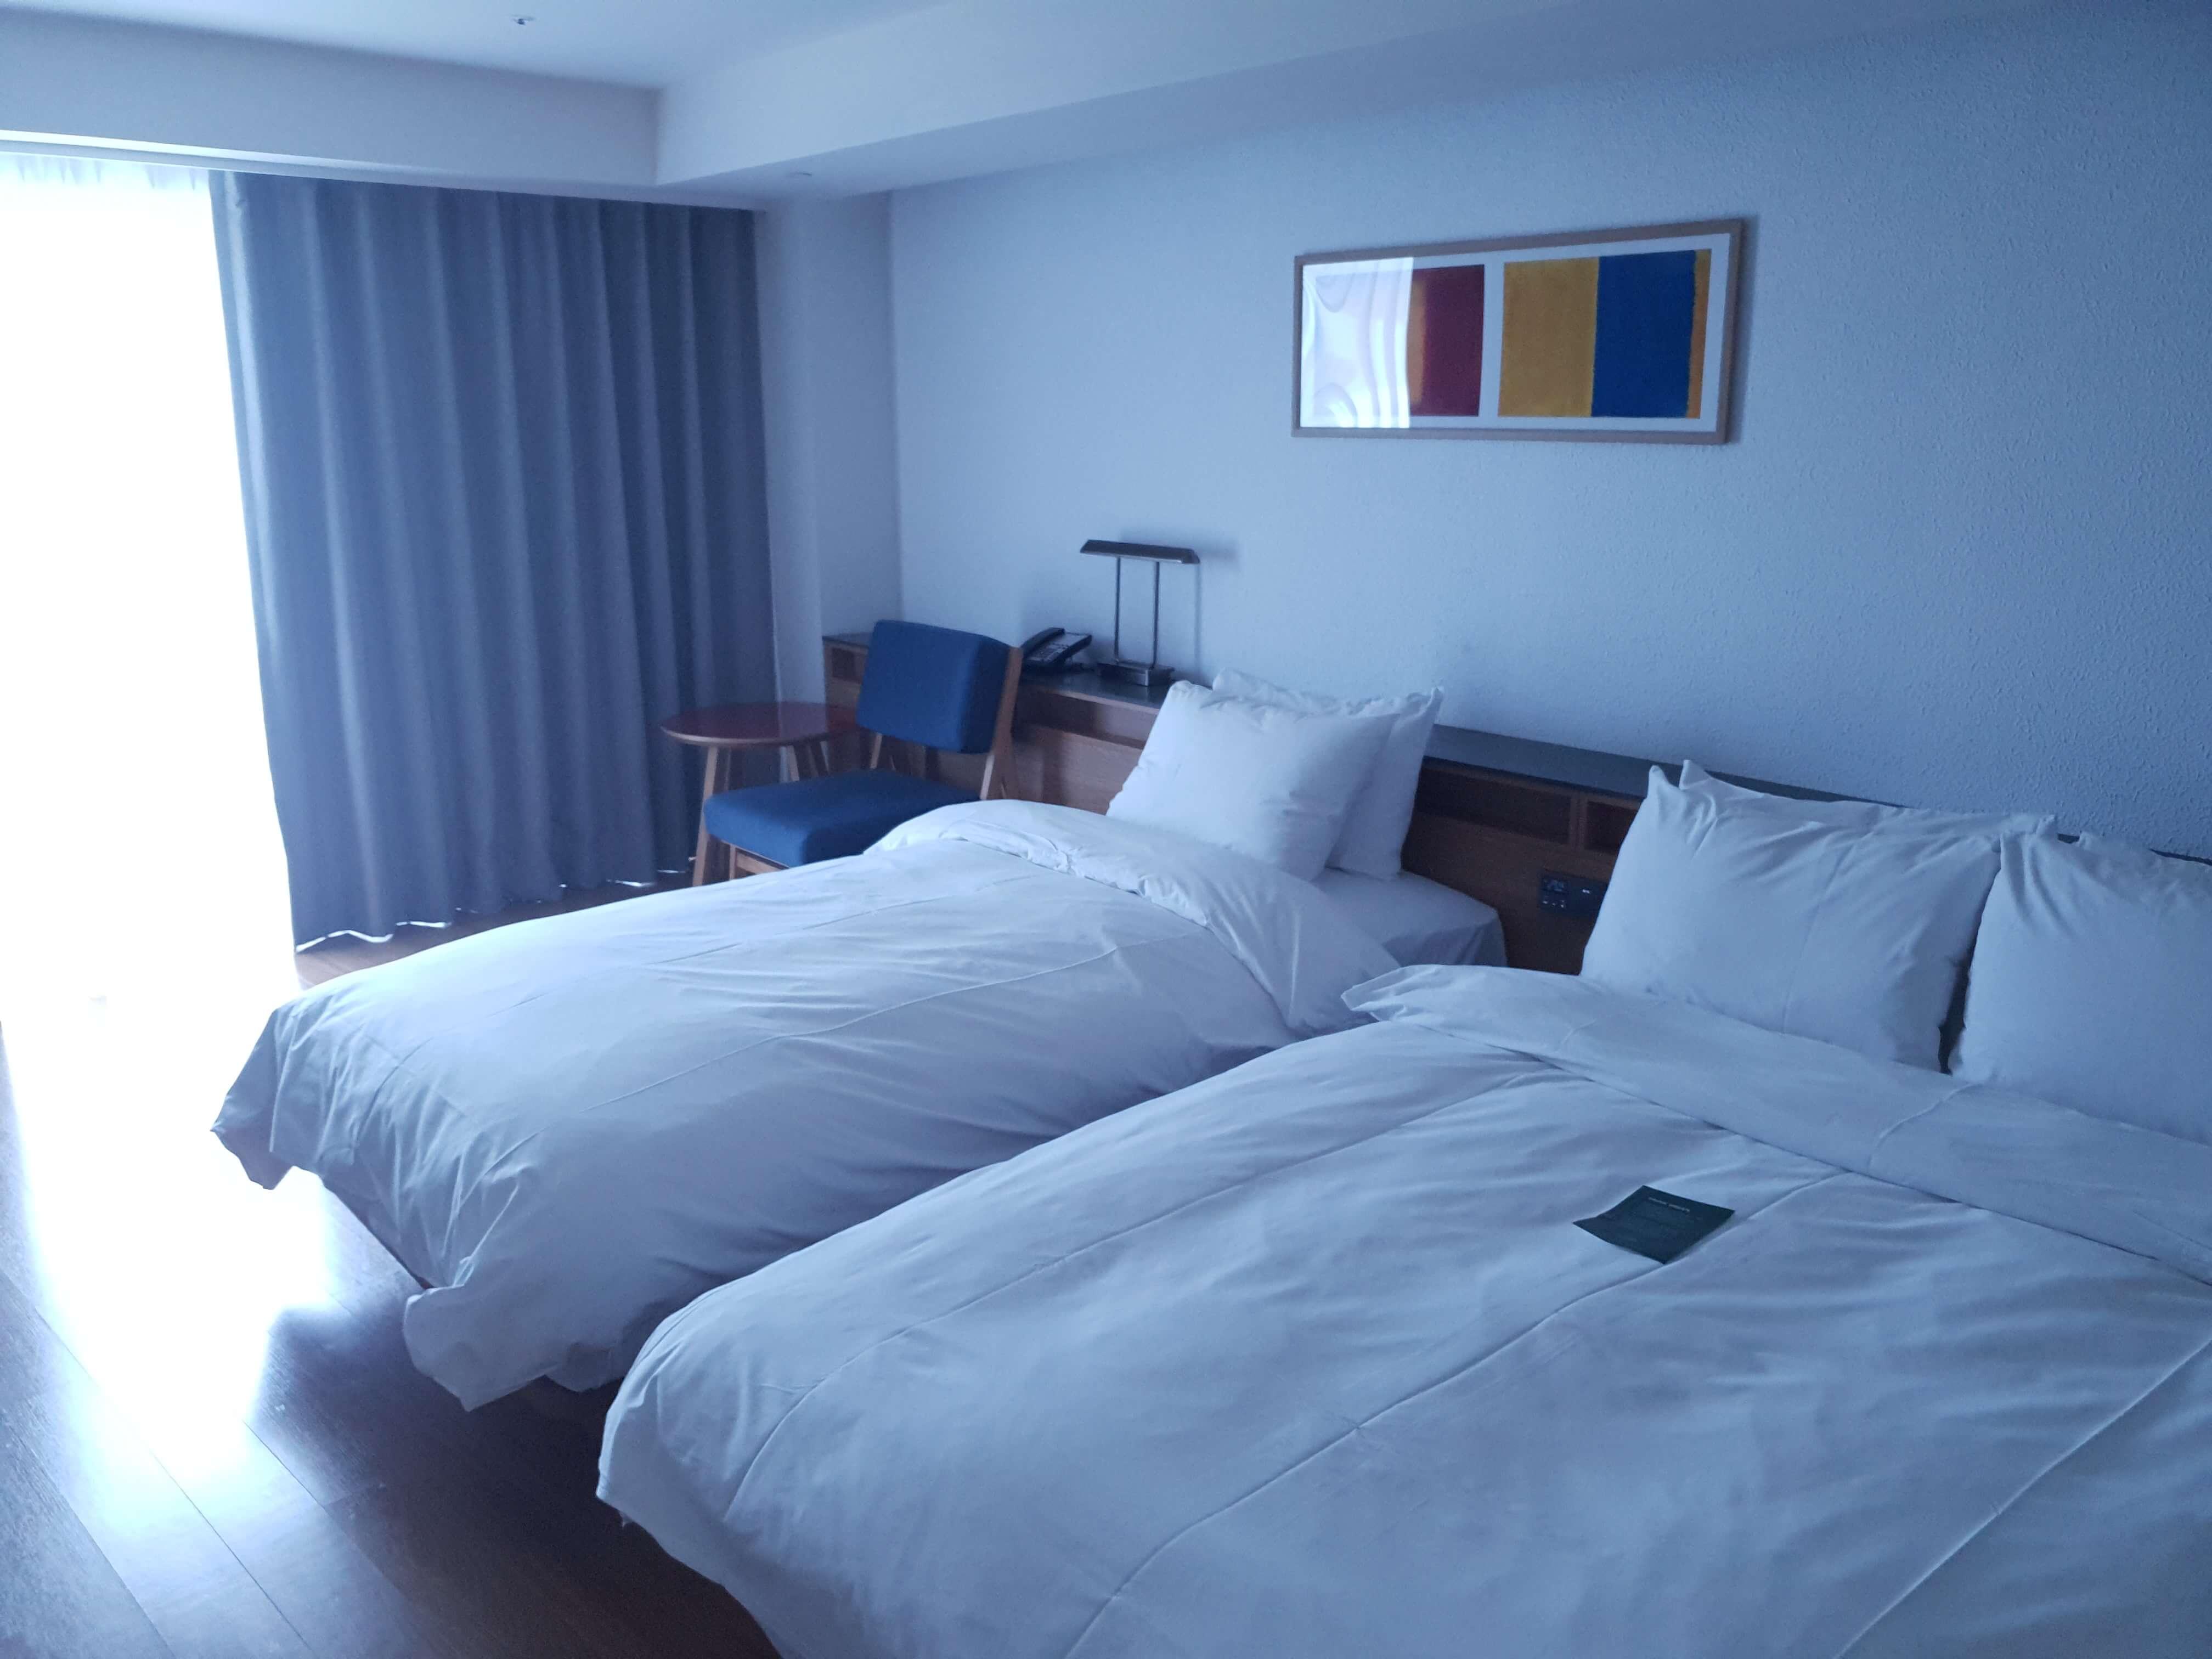 경주-라한셀렉트-호텔-침실방-사진